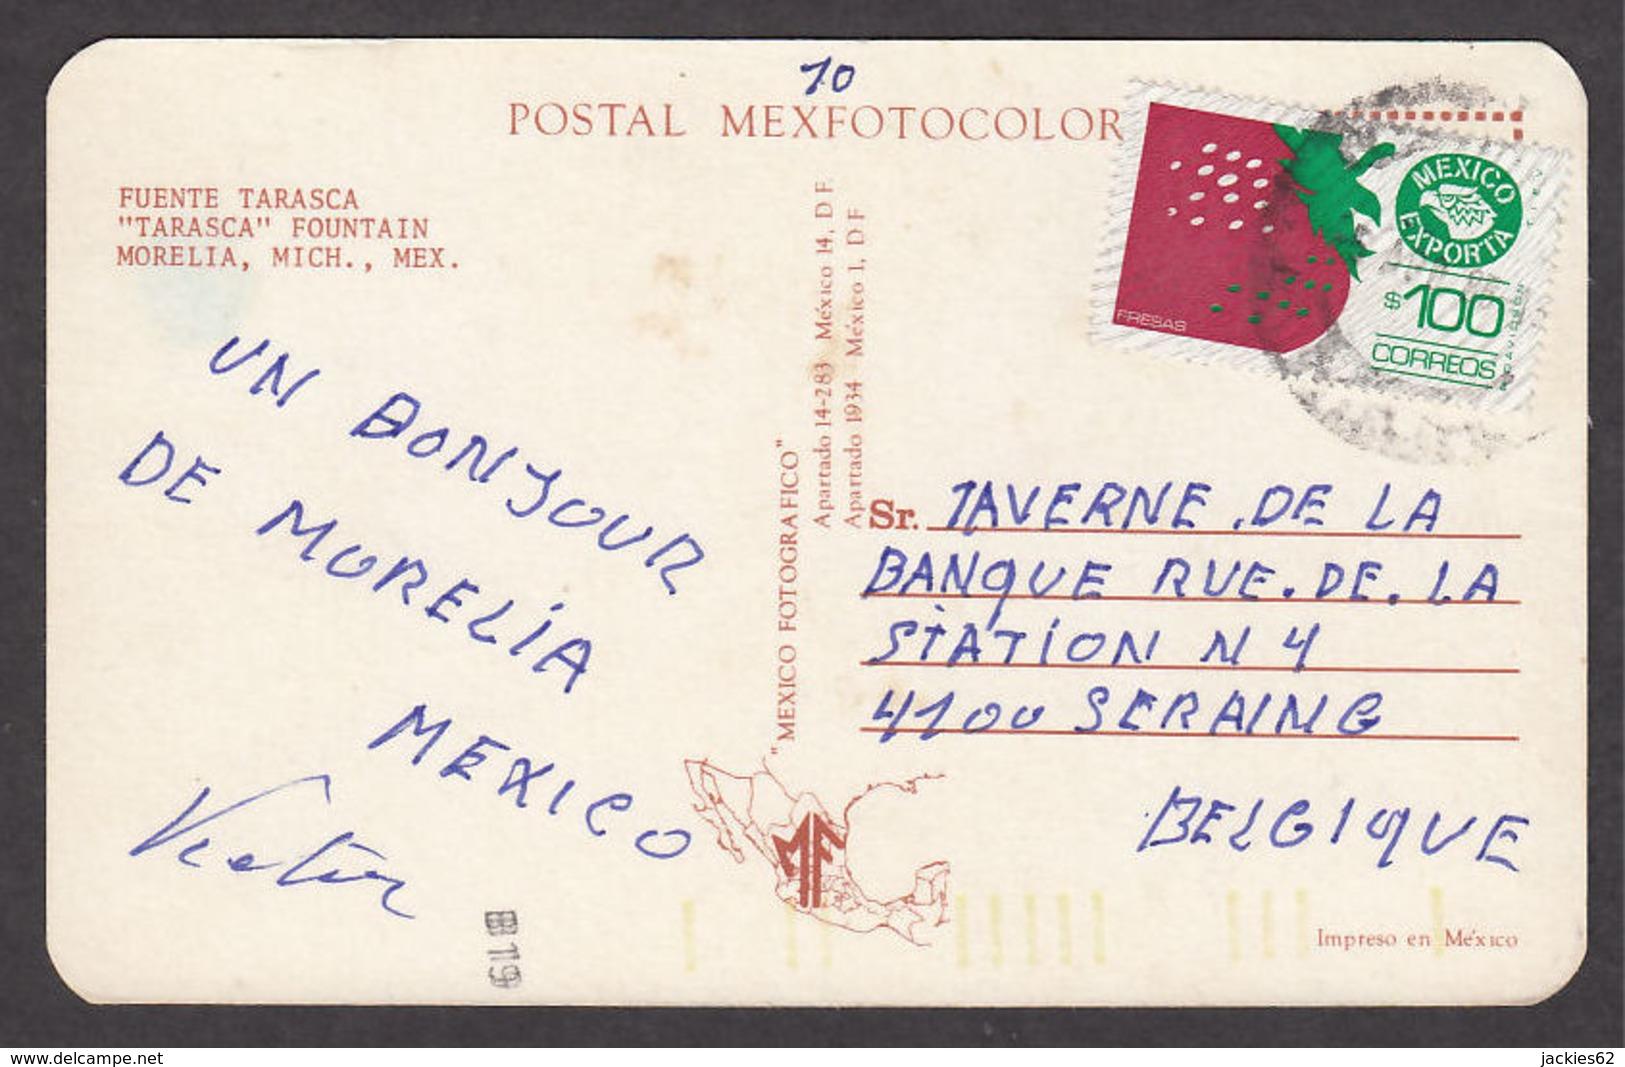 71034/ MORELIA, *Tarasca* Fountain - Mexique